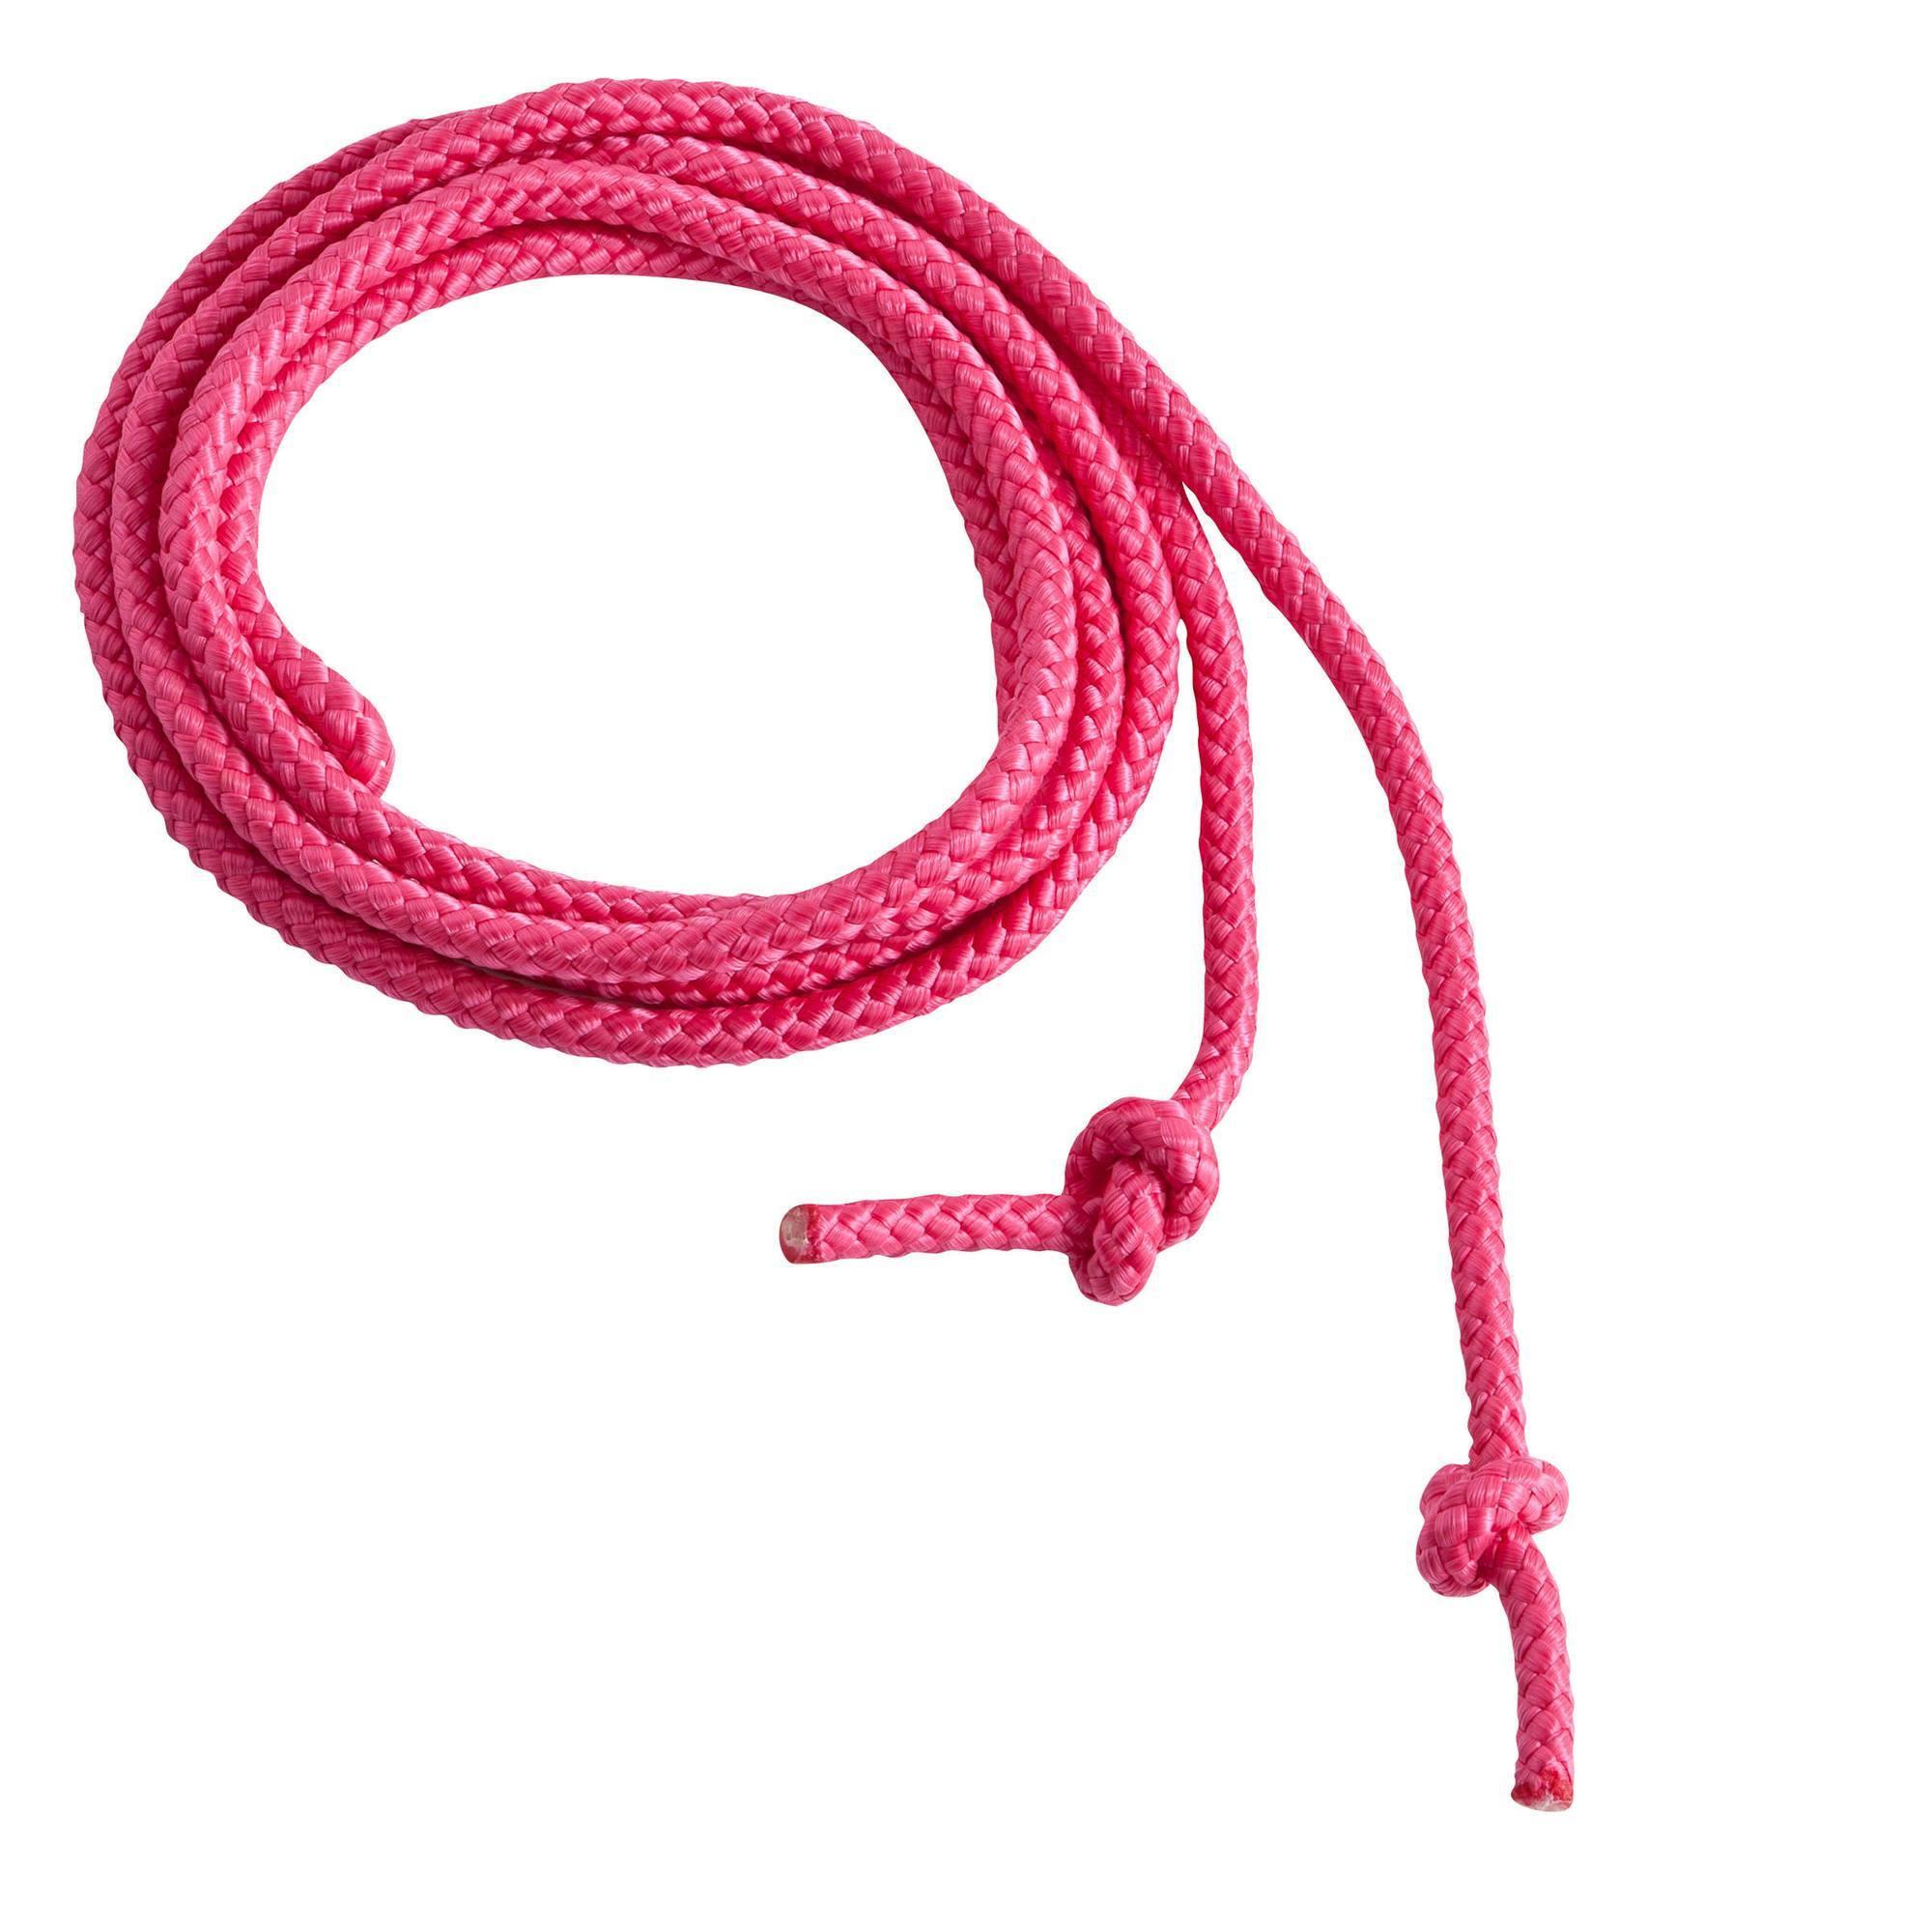 Corde légère de Gymnastique Rythmique (GR)  3 Mètres.